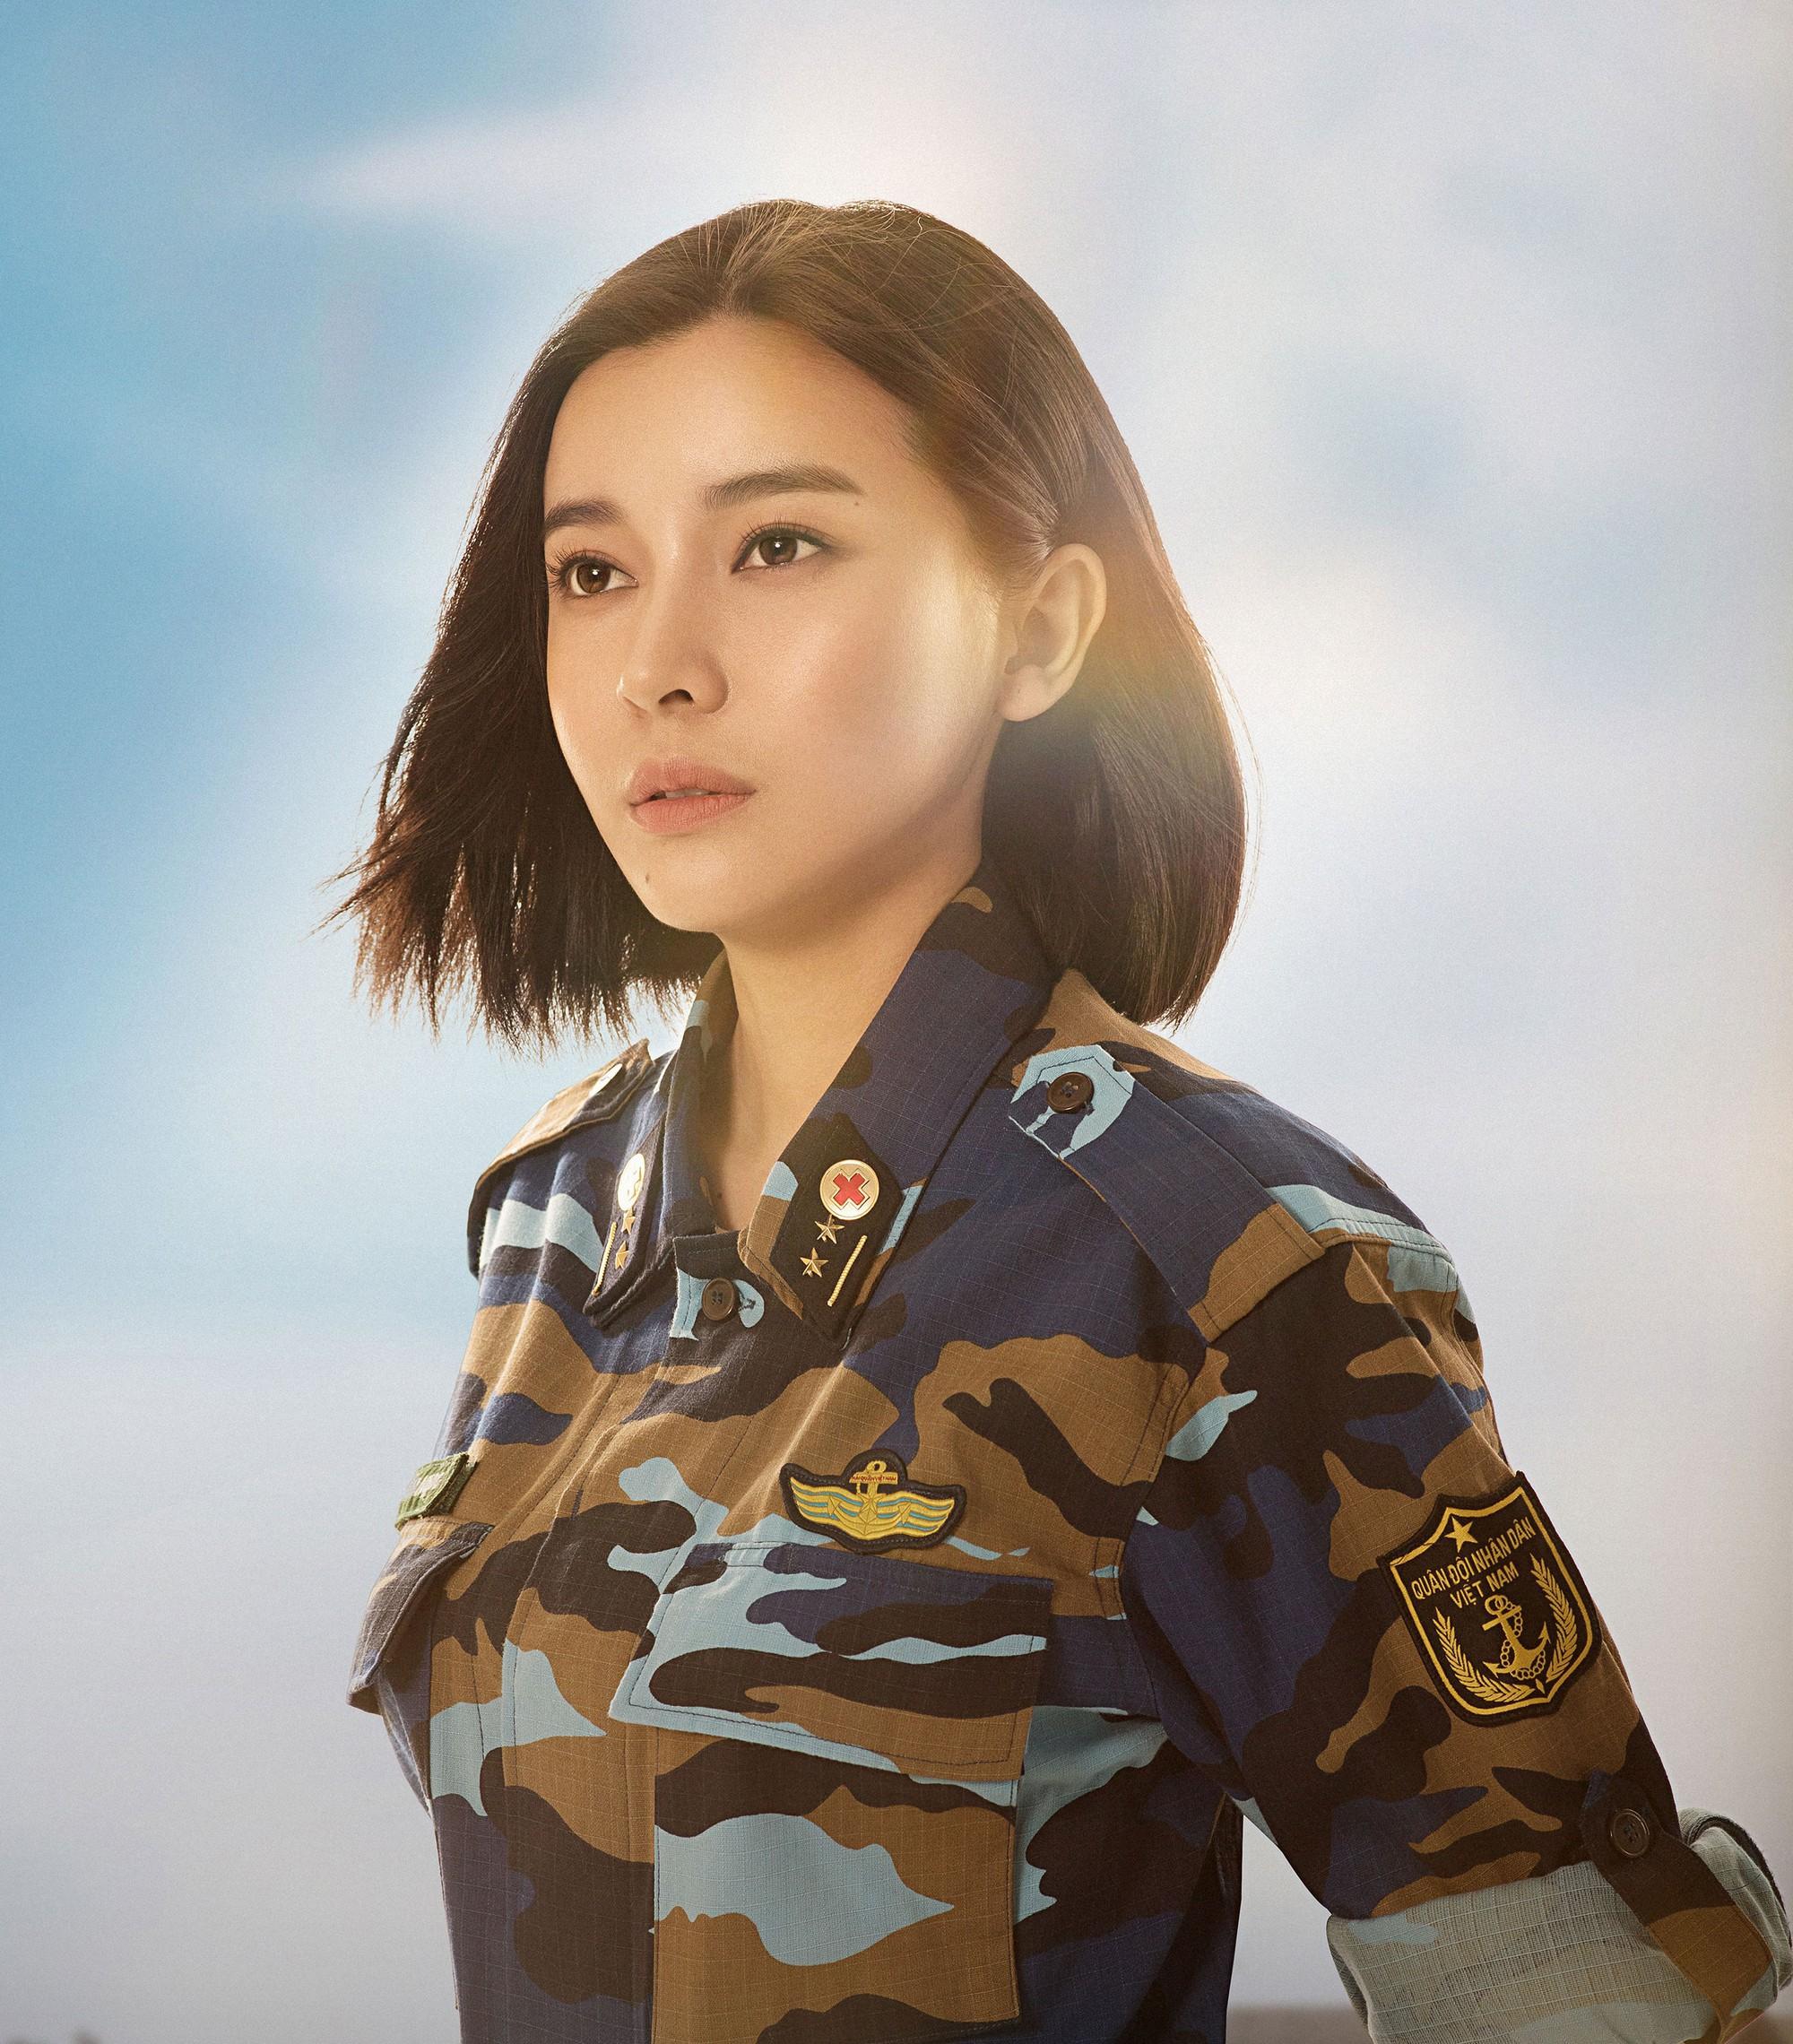 Chính thức: Khả Ngân và Song Luân là nam nữ chính của Hậu Duệ Mặt Trời bản Việt - Ảnh 7.